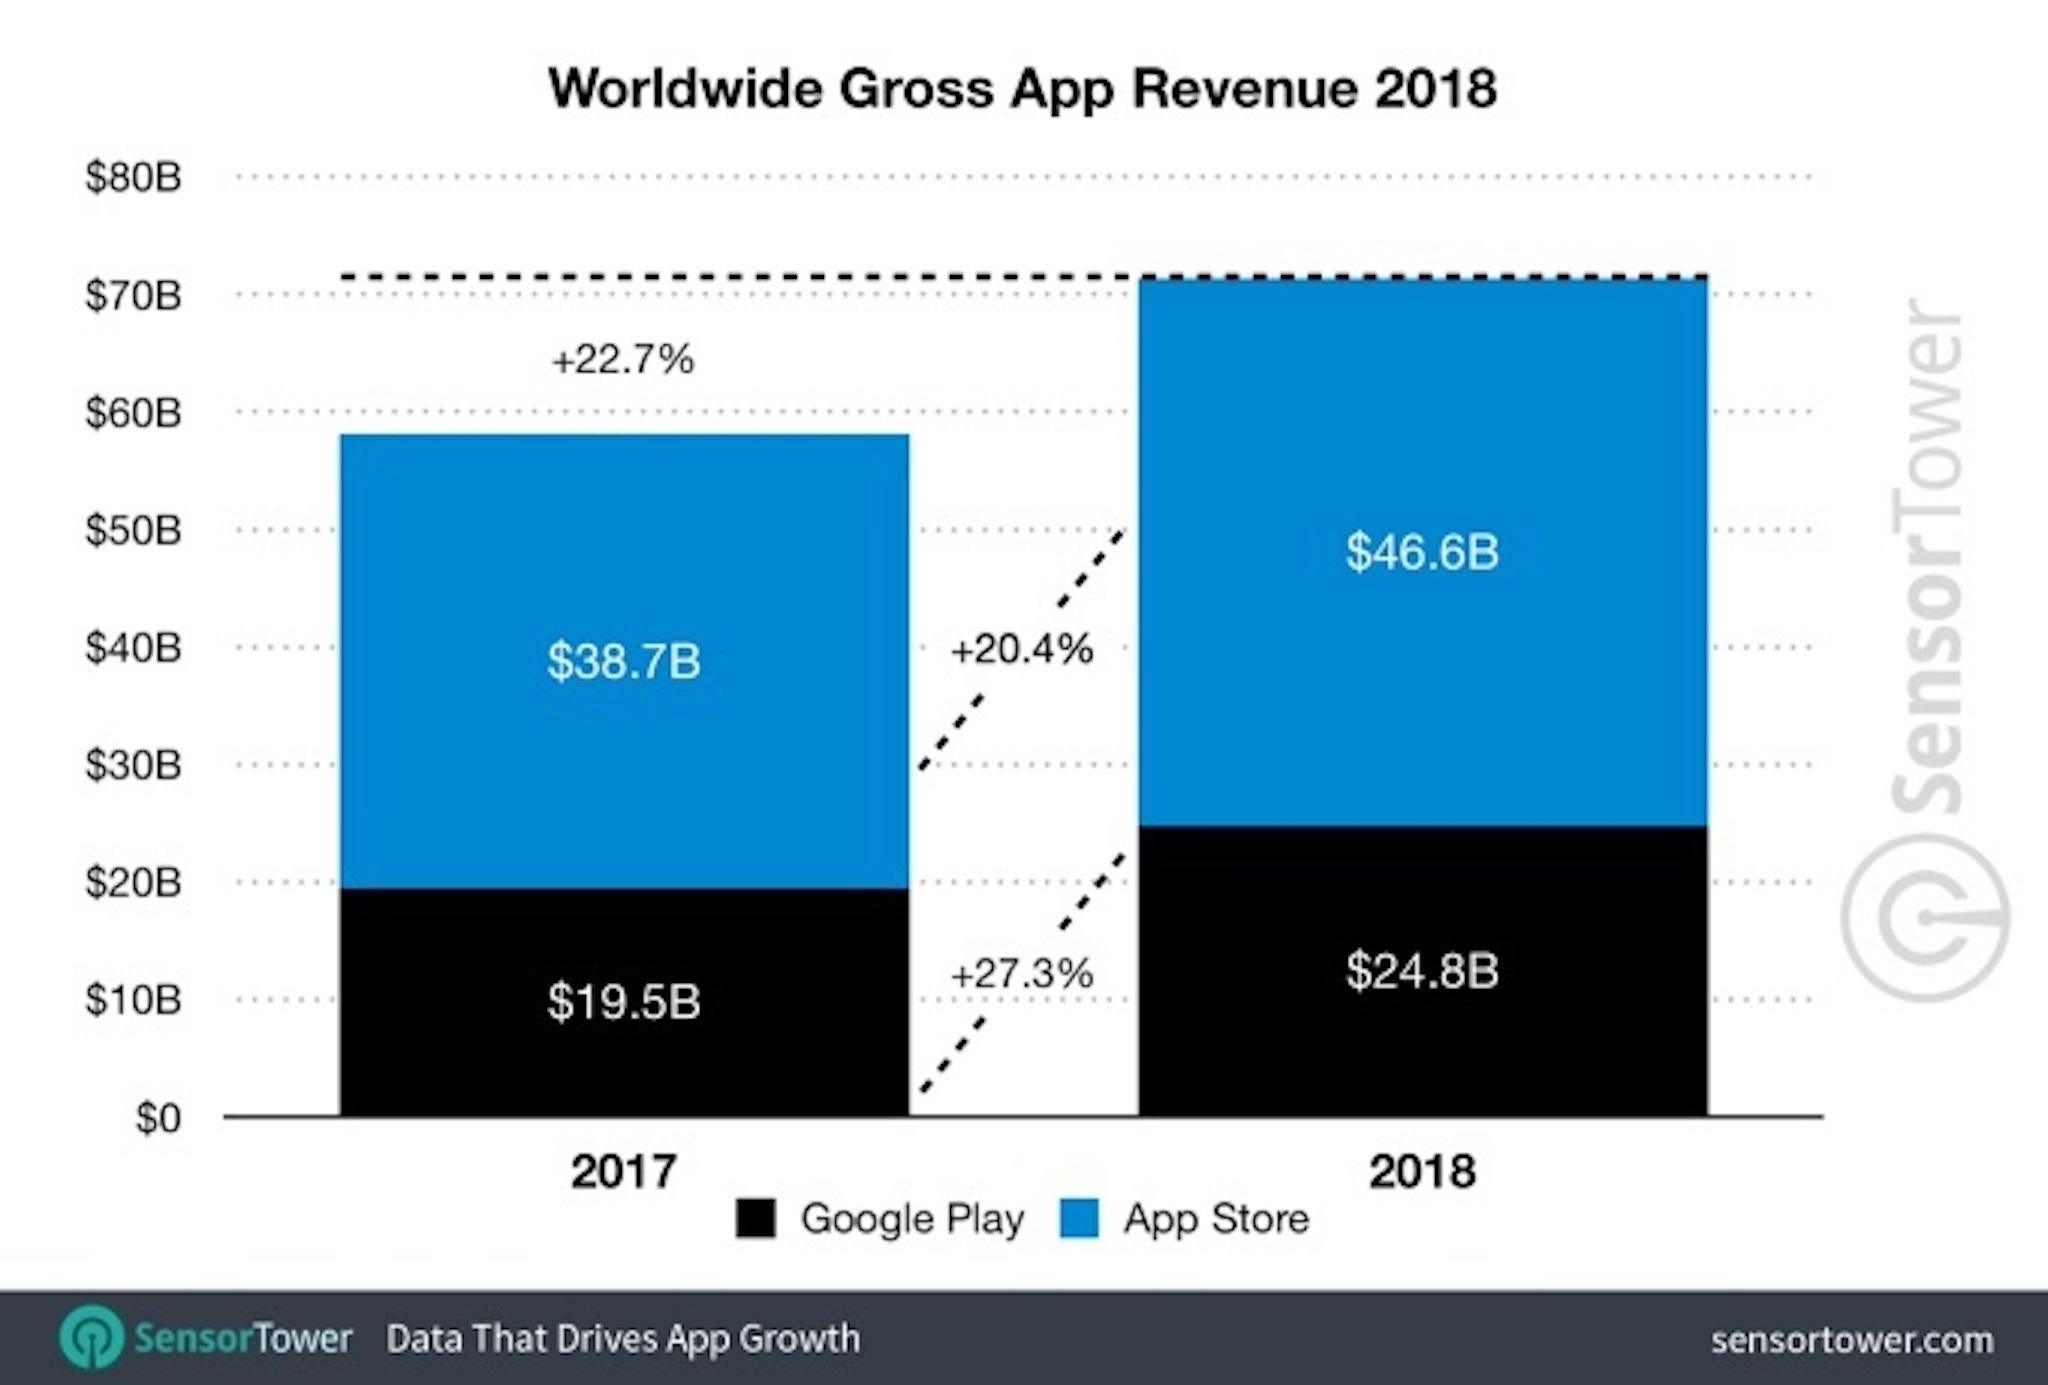 Mobile-app-revenue-2018.jpg